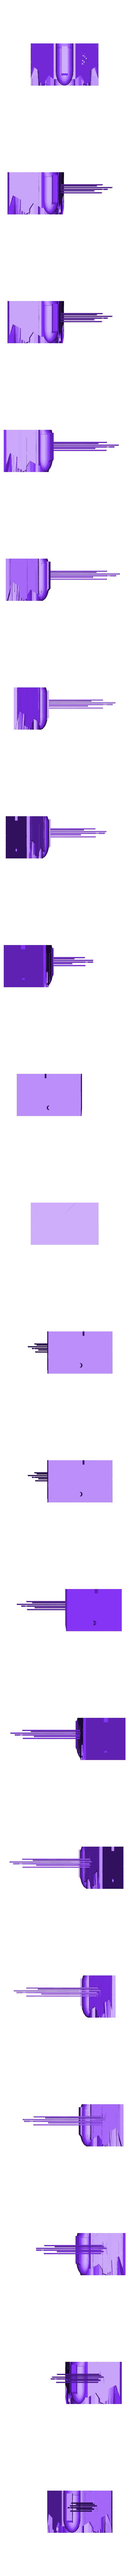 Front_TopAB.stl Télécharger fichier STL gratuit Frégate Nebulon B (coupée et sectionnée) • Modèle pour impression 3D, Masterkookus